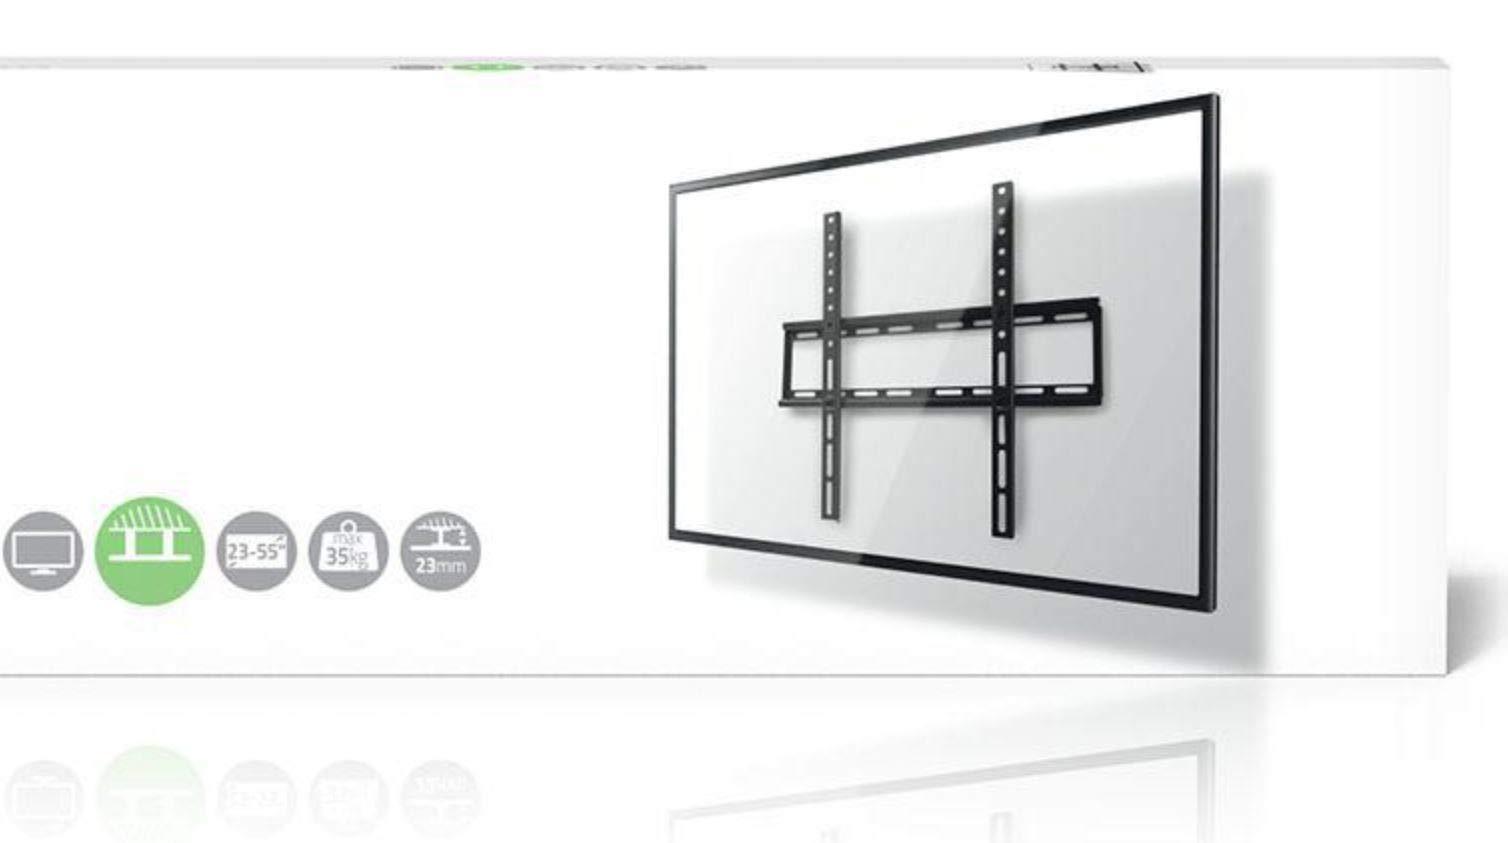 TronicXL - Soporte de pared para televisores Philips de 23-55 pulgadas (55PUS7303/12, 50PUS7303/12, 43PUS7303/12, 49PUS8503/12, 32PFS6402/12, 55PUS8503/12, 50PUS6703/12, 55PUS7373/12, 55POS9002/12, 55PUS6703/12): Amazon.es: Electrónica